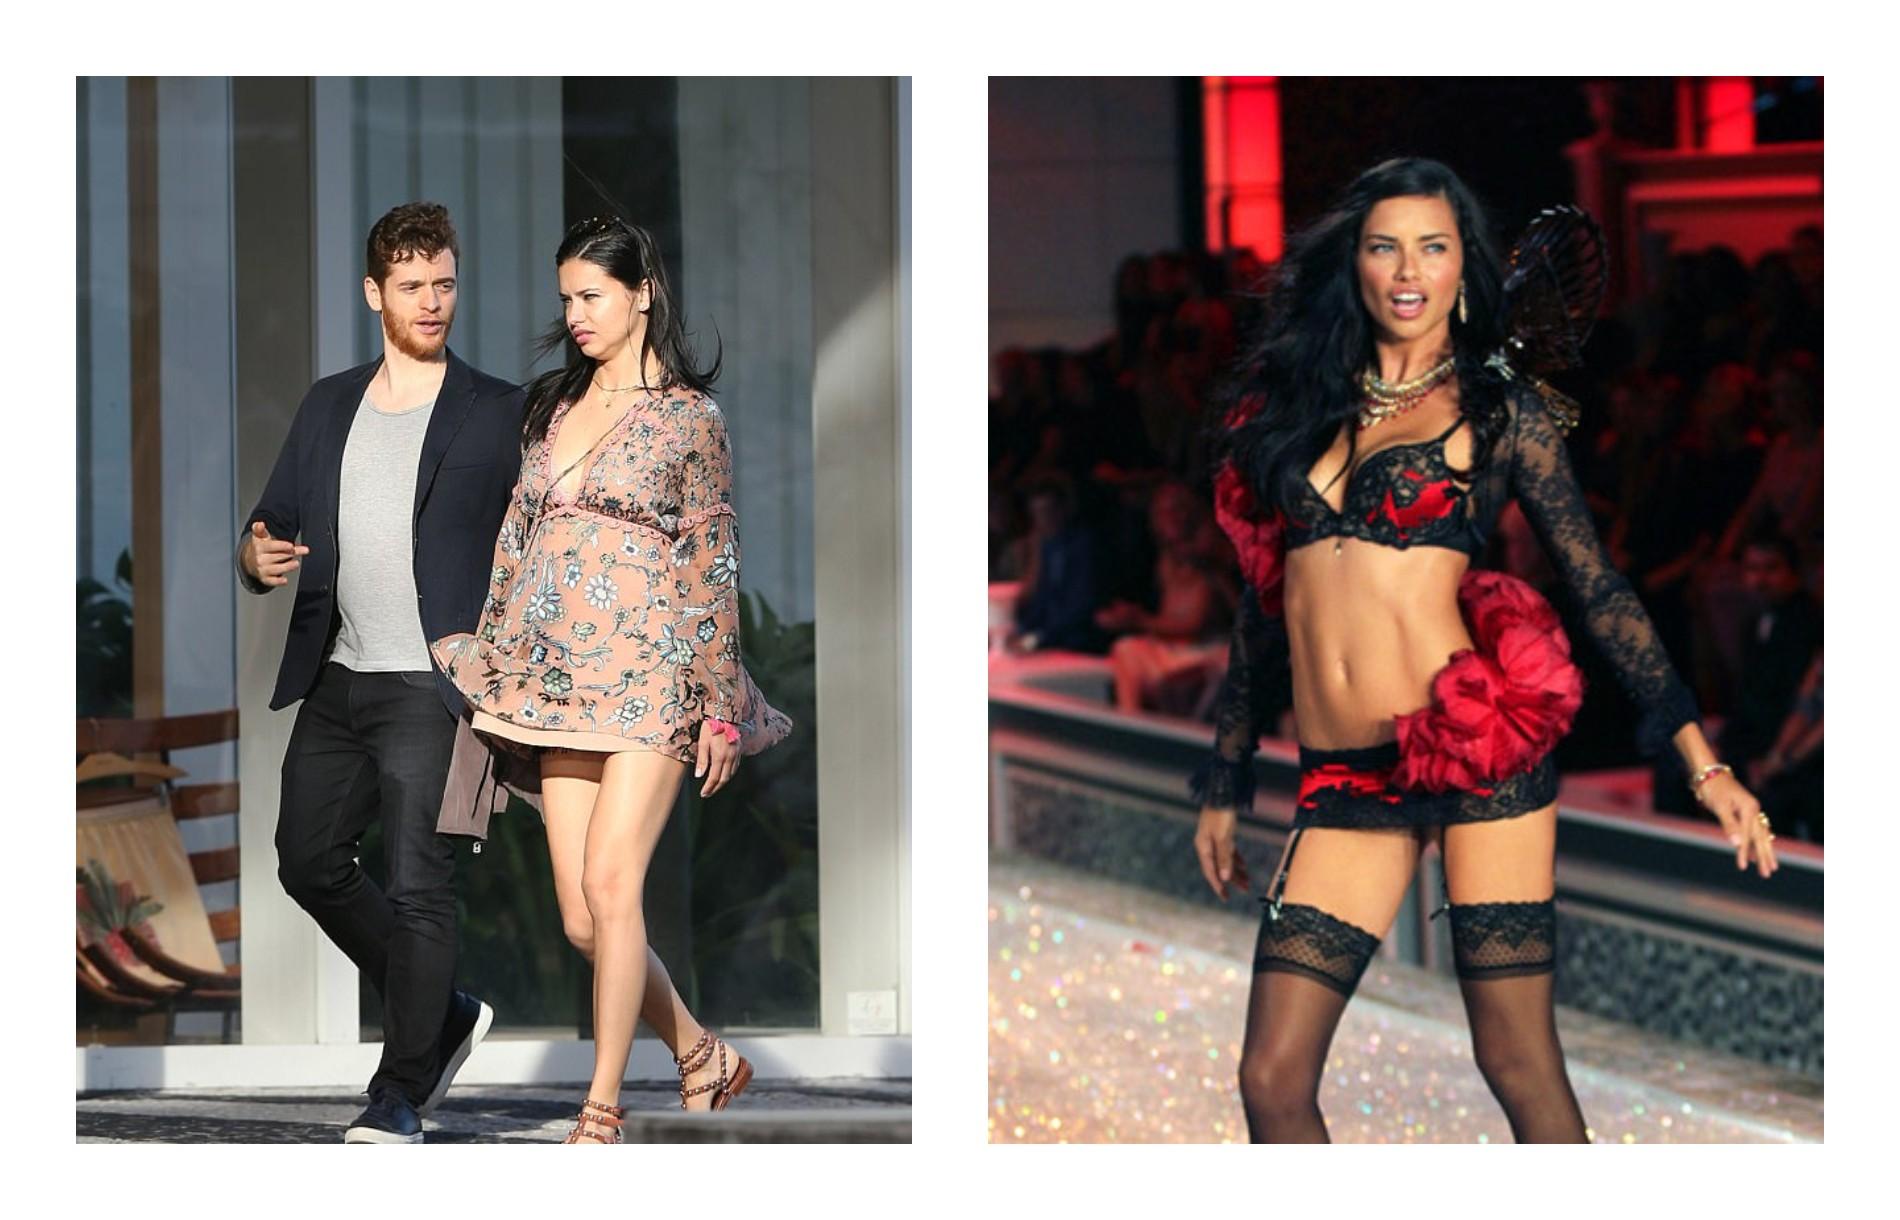 Модель Адриана Лима уже через два месяца после родов сверкала на шоу Victoria's Secret